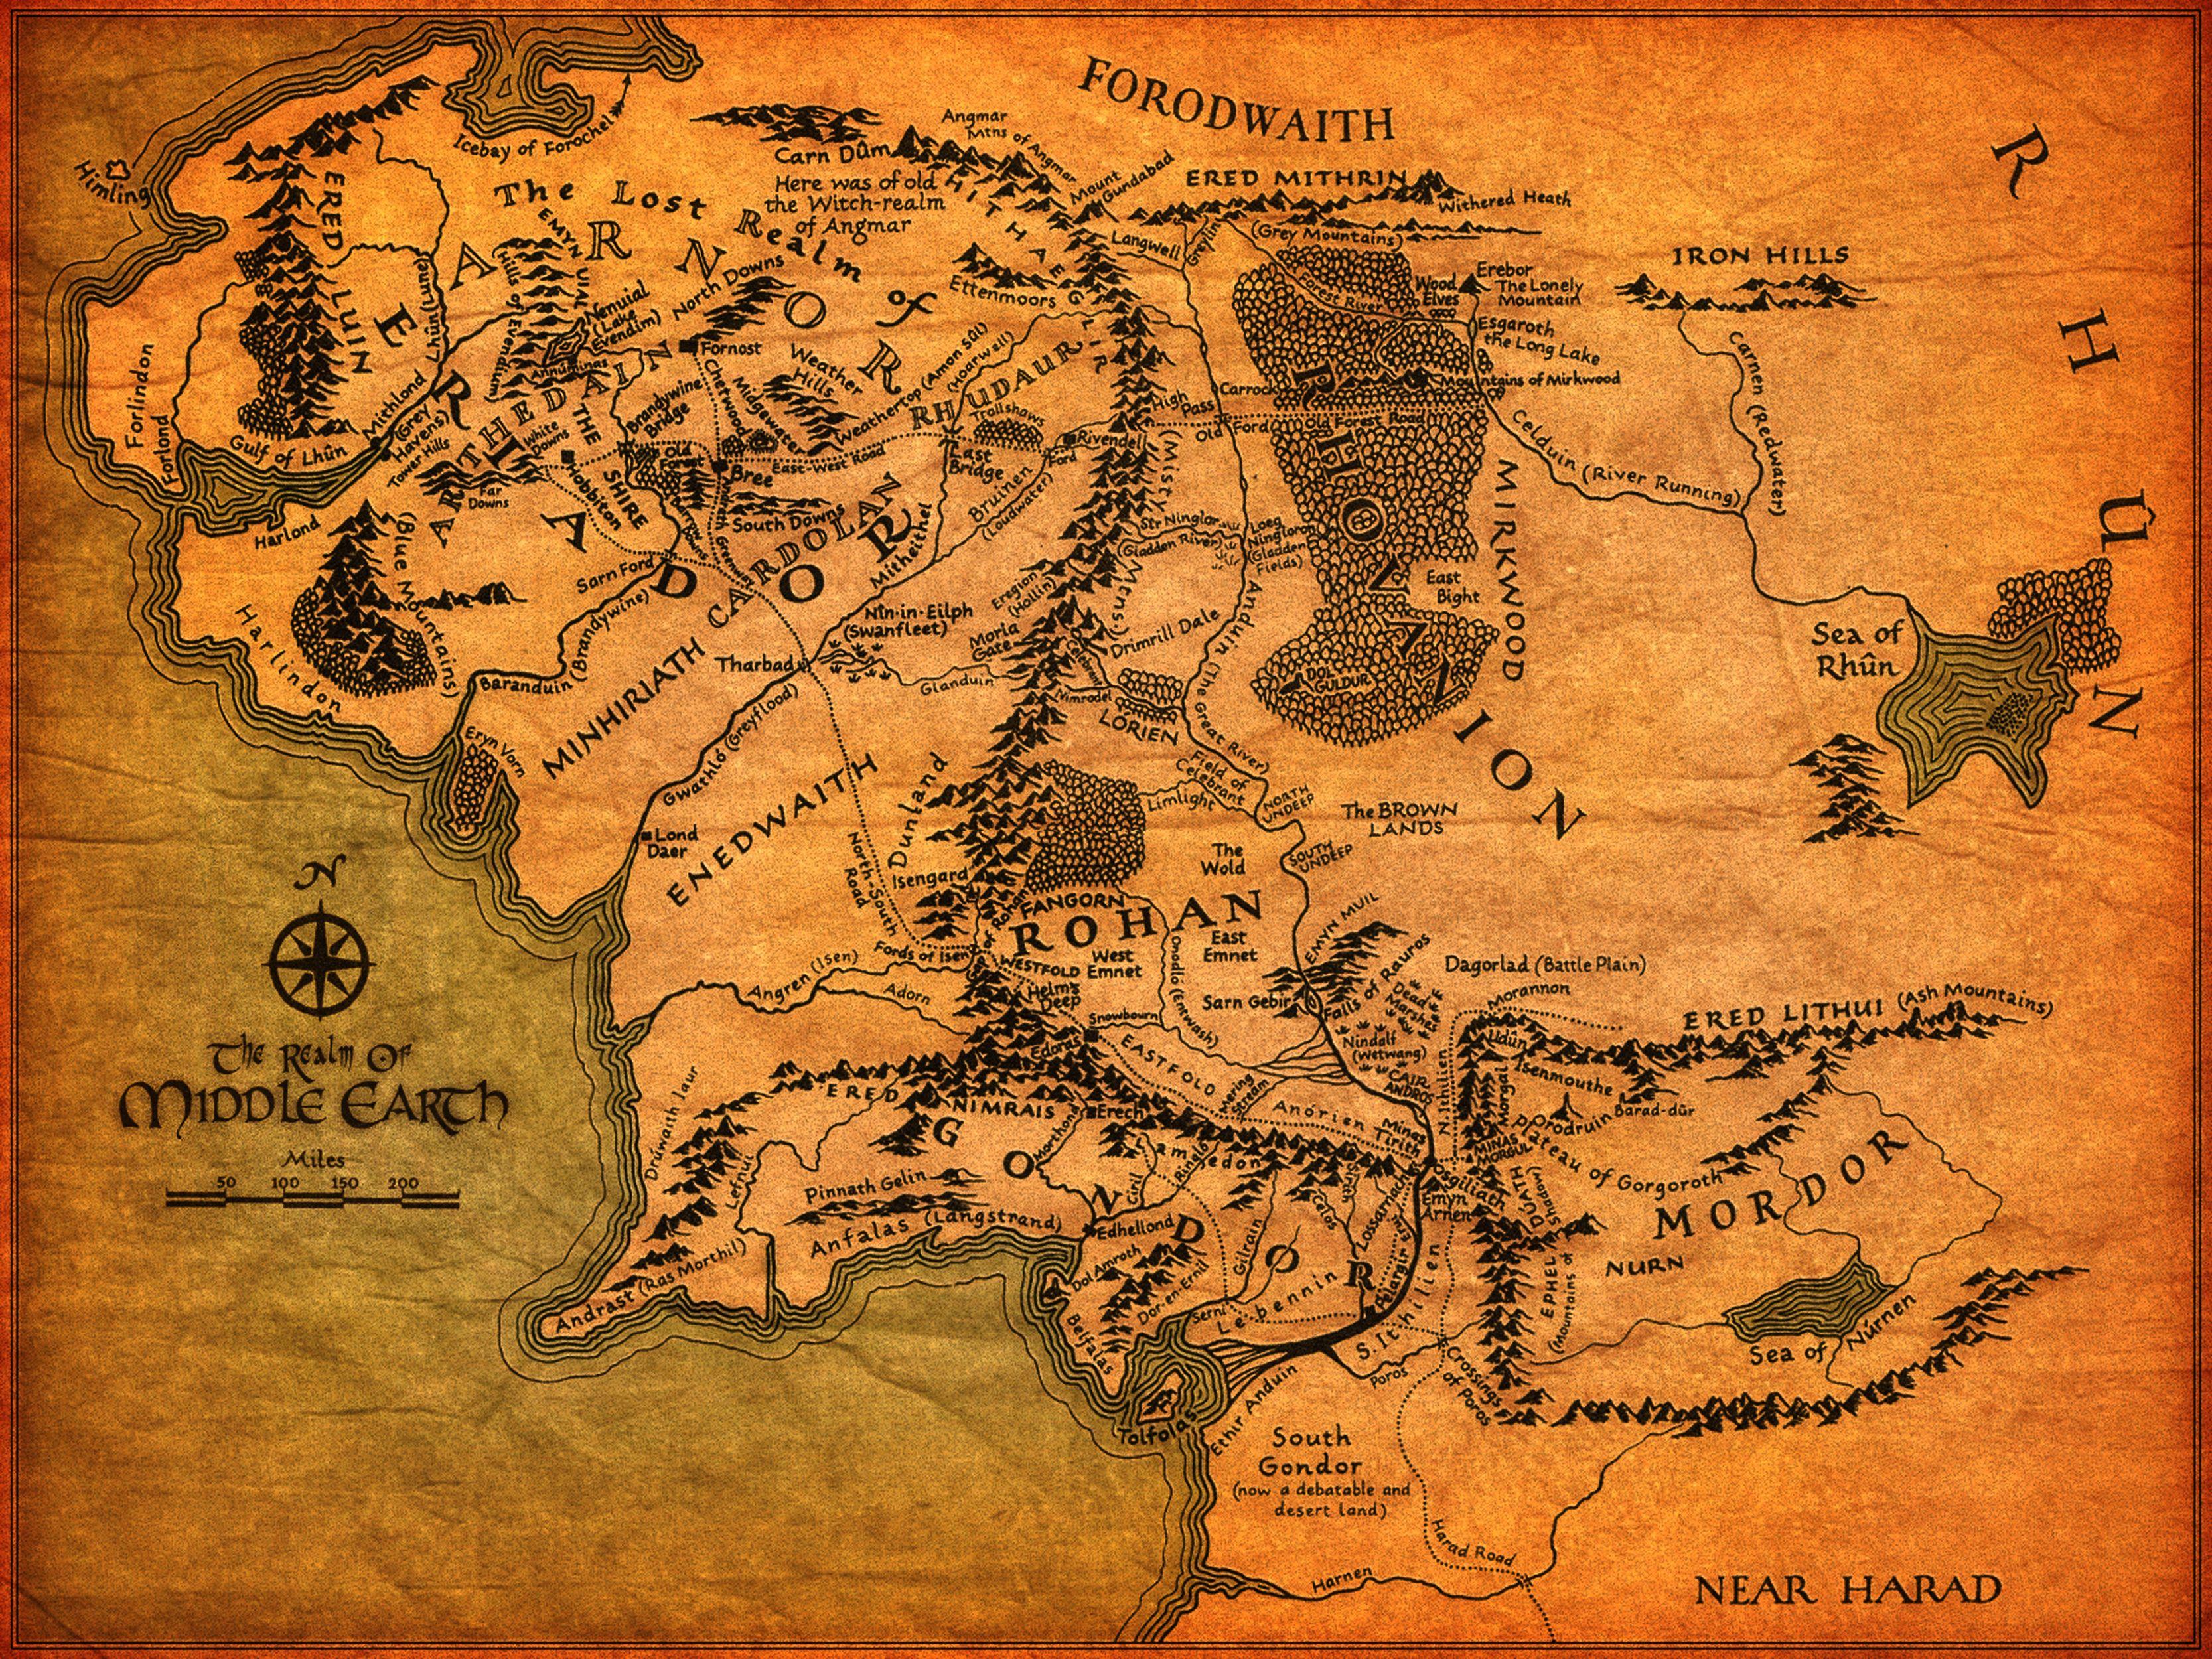 középfölde térkép Középfölde térkép http://people.inf.elte.hu/kaataci/KAATACI.ELTE  középfölde térkép